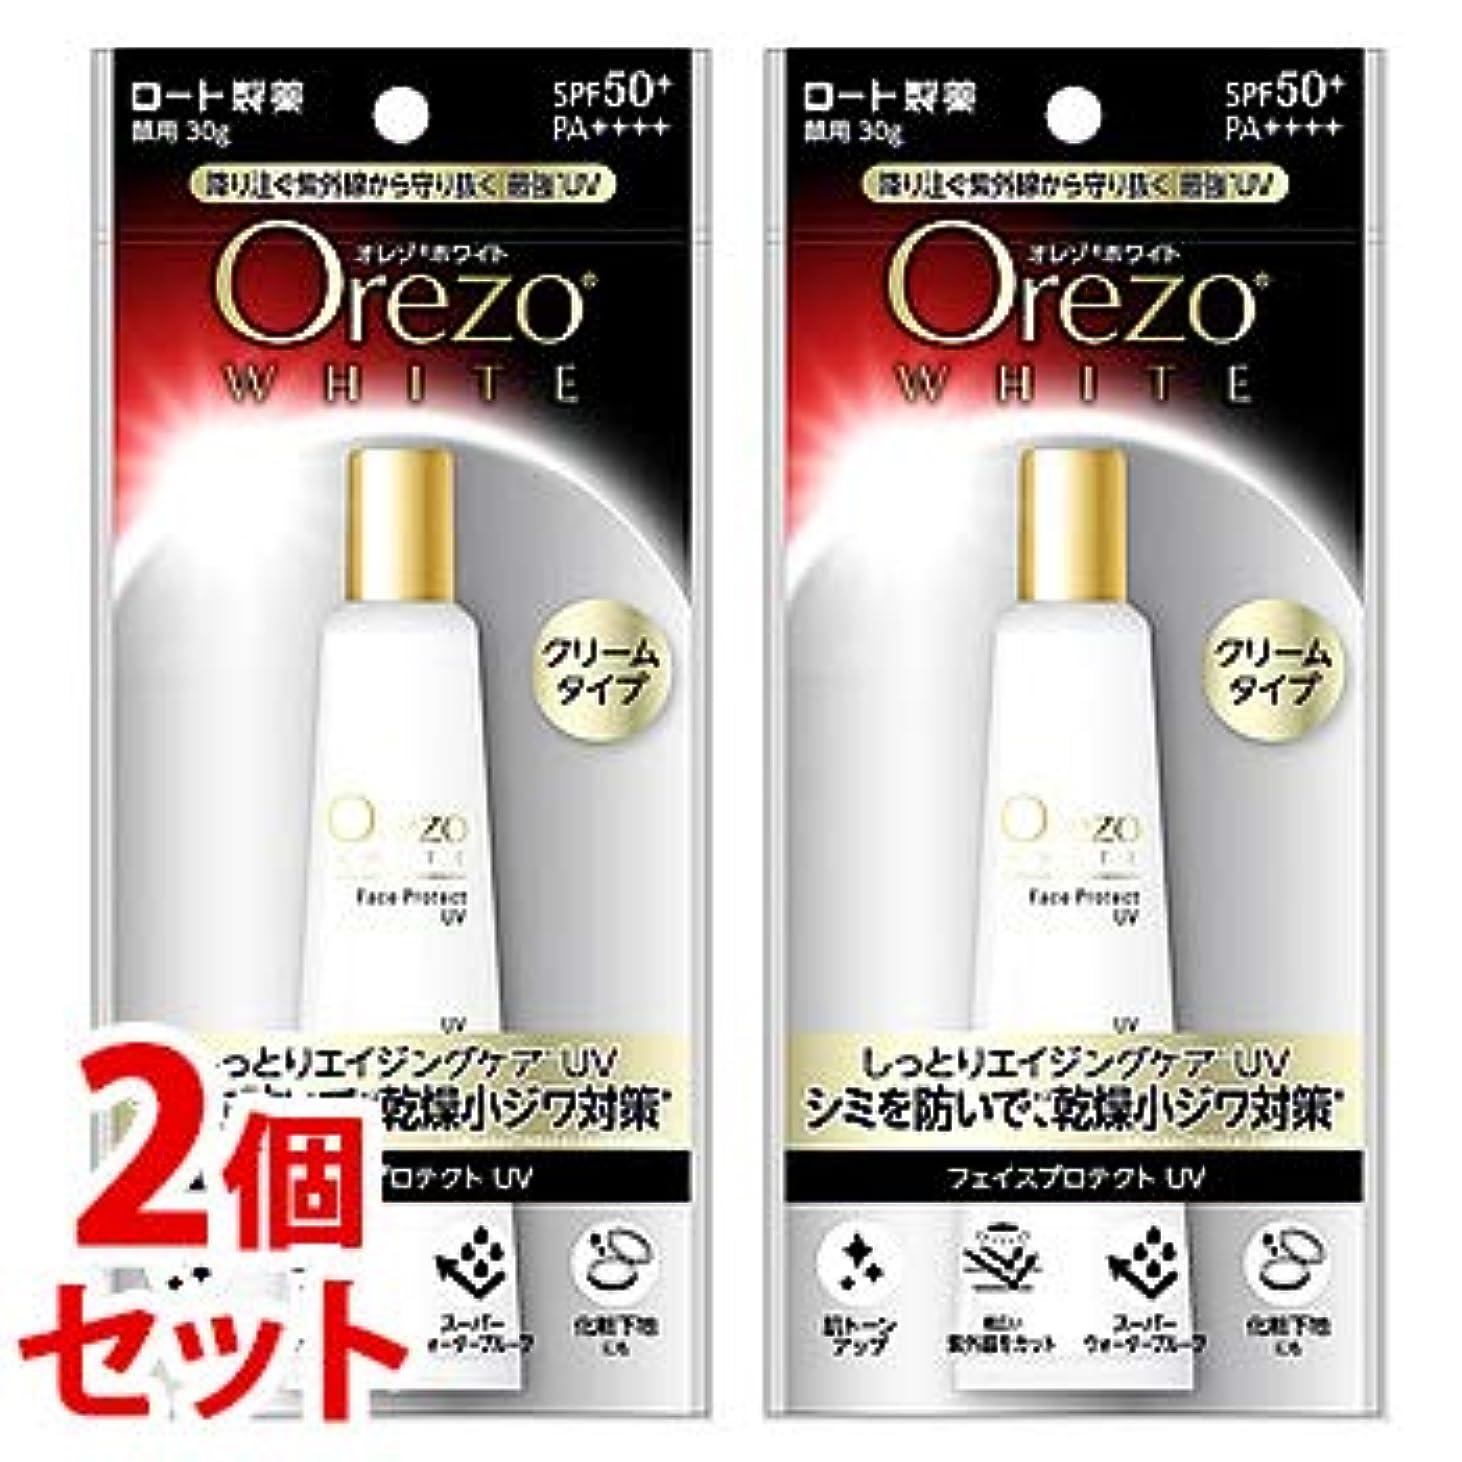 ただ小道具本物の《セット販売》 ロート製薬 Orezo オレゾ ホワイト フェイスプロテクトUV SPF50+ PA++++ (30g)×2個セット 顔用 日やけ止め 化粧下地 クリームタイプ